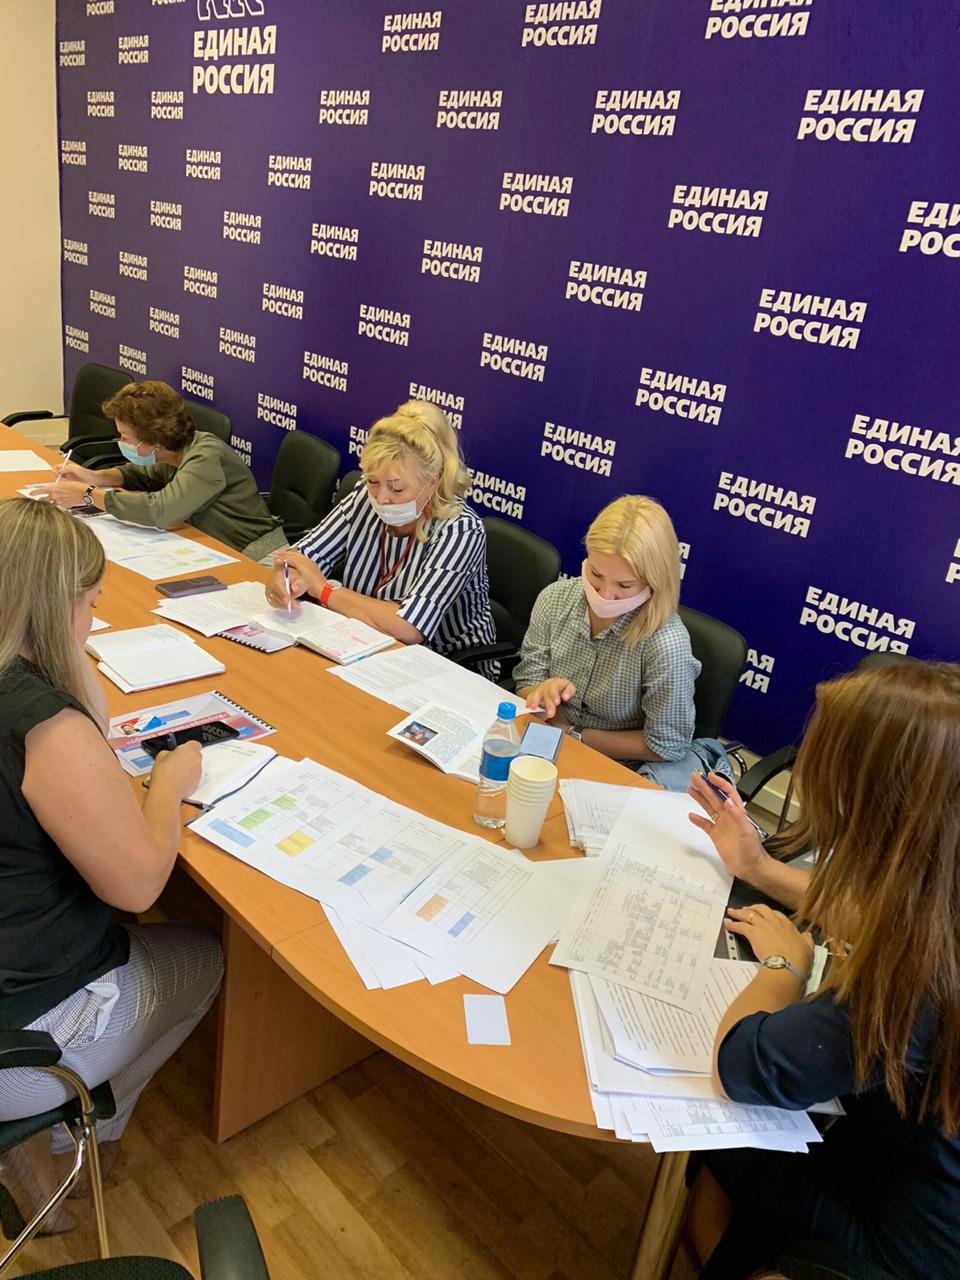 Итоги краевого смотра-конкурса СМИ «Катюша» подвели в Приморье